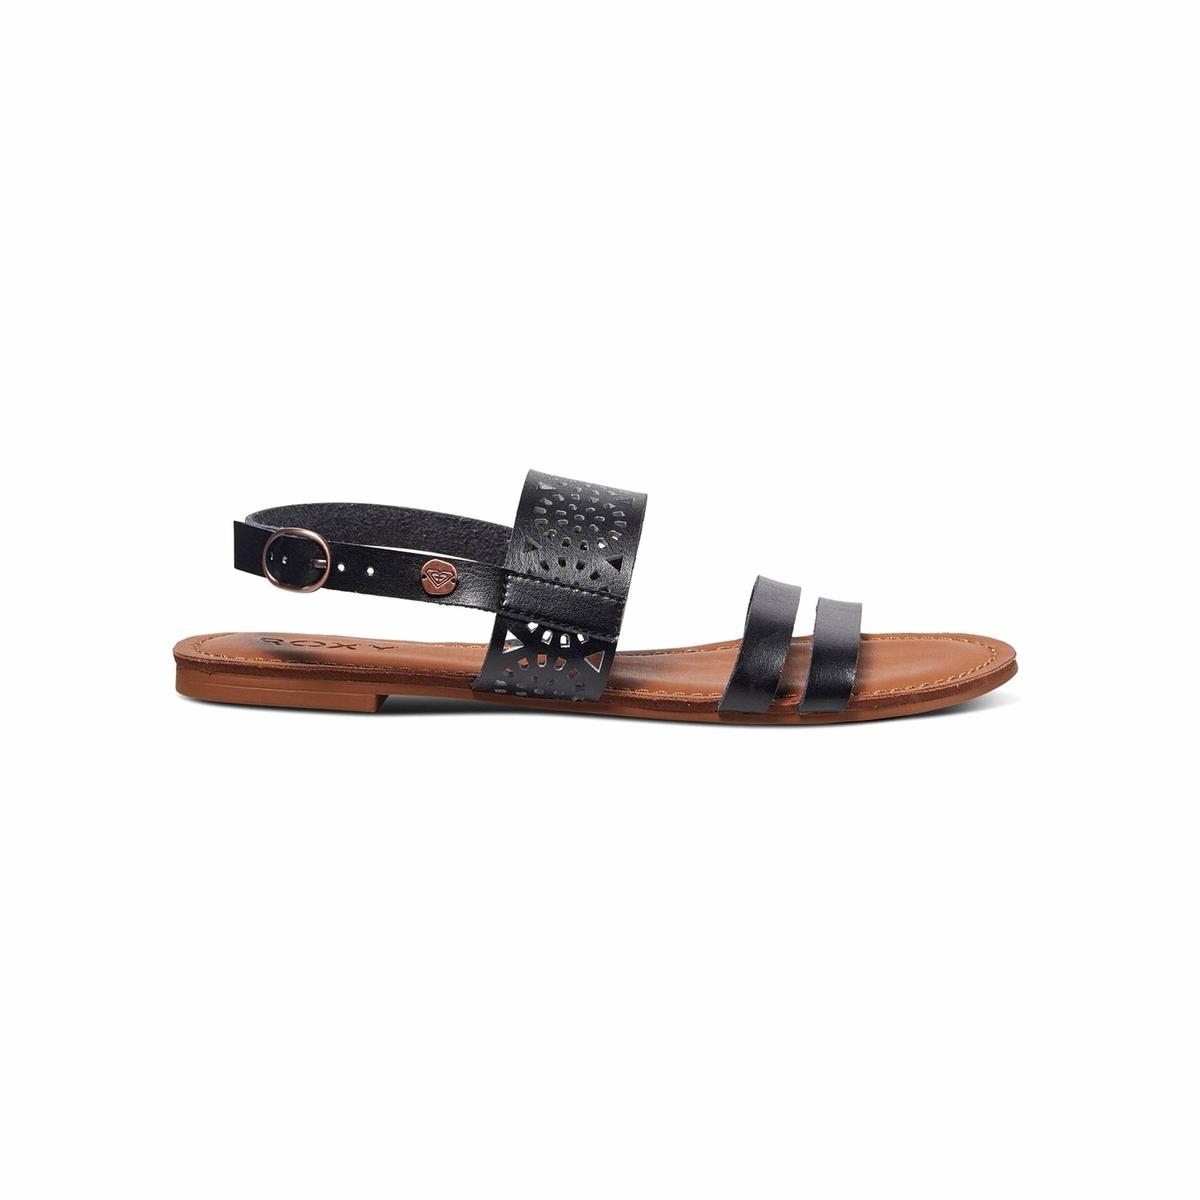 Сандалии FeliciaВерх : синтетика Подошва : каучук Форма каблука : плоский каблук Мысок : открытый мысок Застежка : ремешок/пряжка<br><br>Цвет: черный<br>Размер: 39